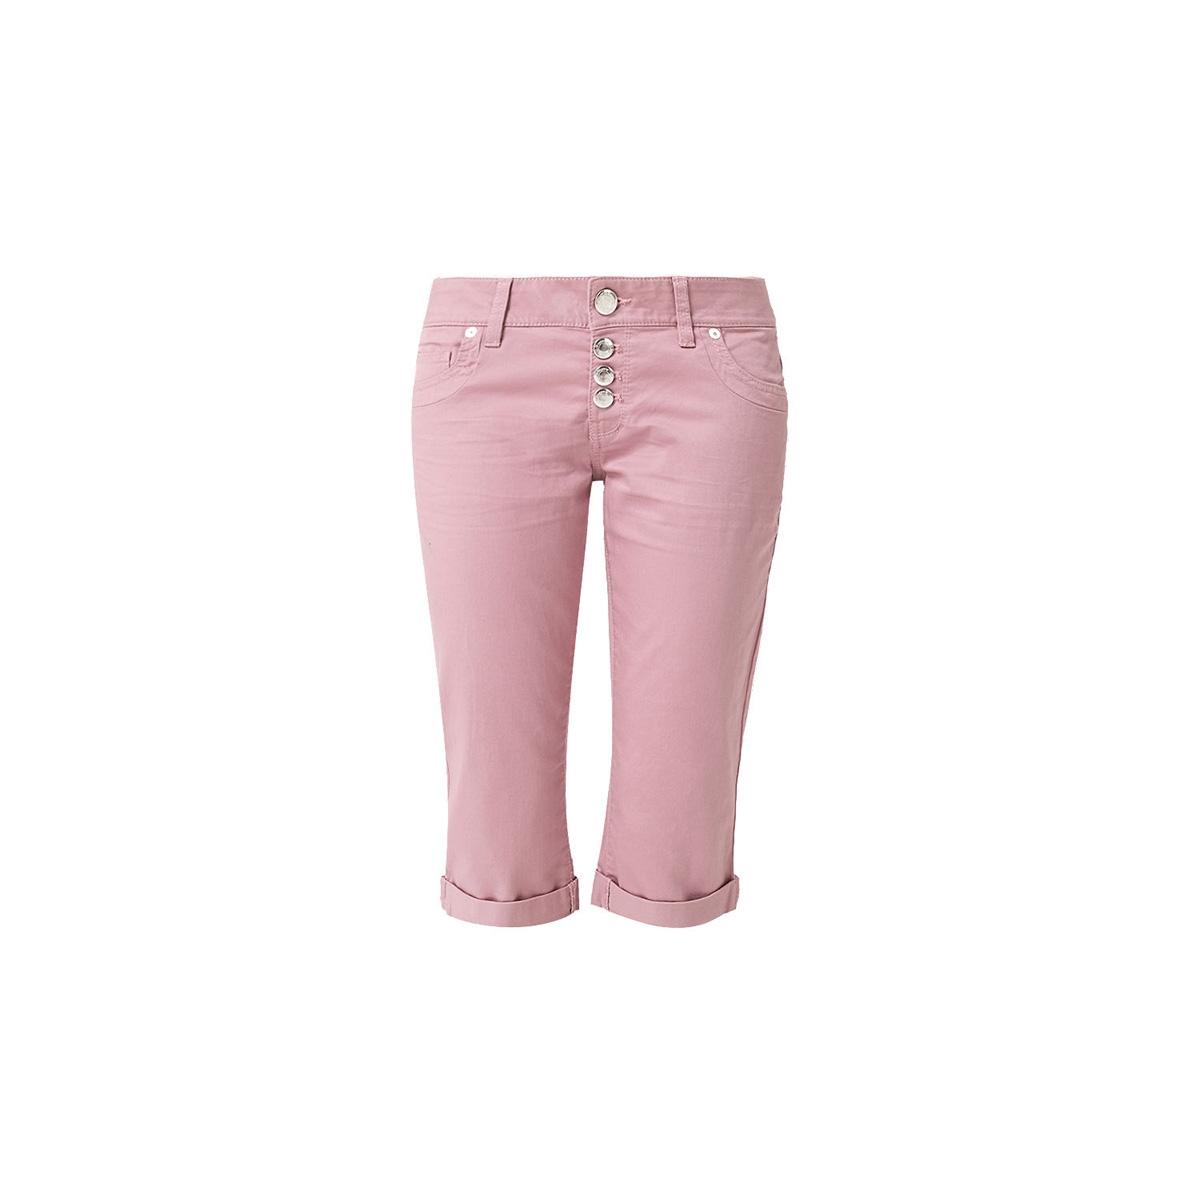 catie 46906762130 q/s designed by broek 4366